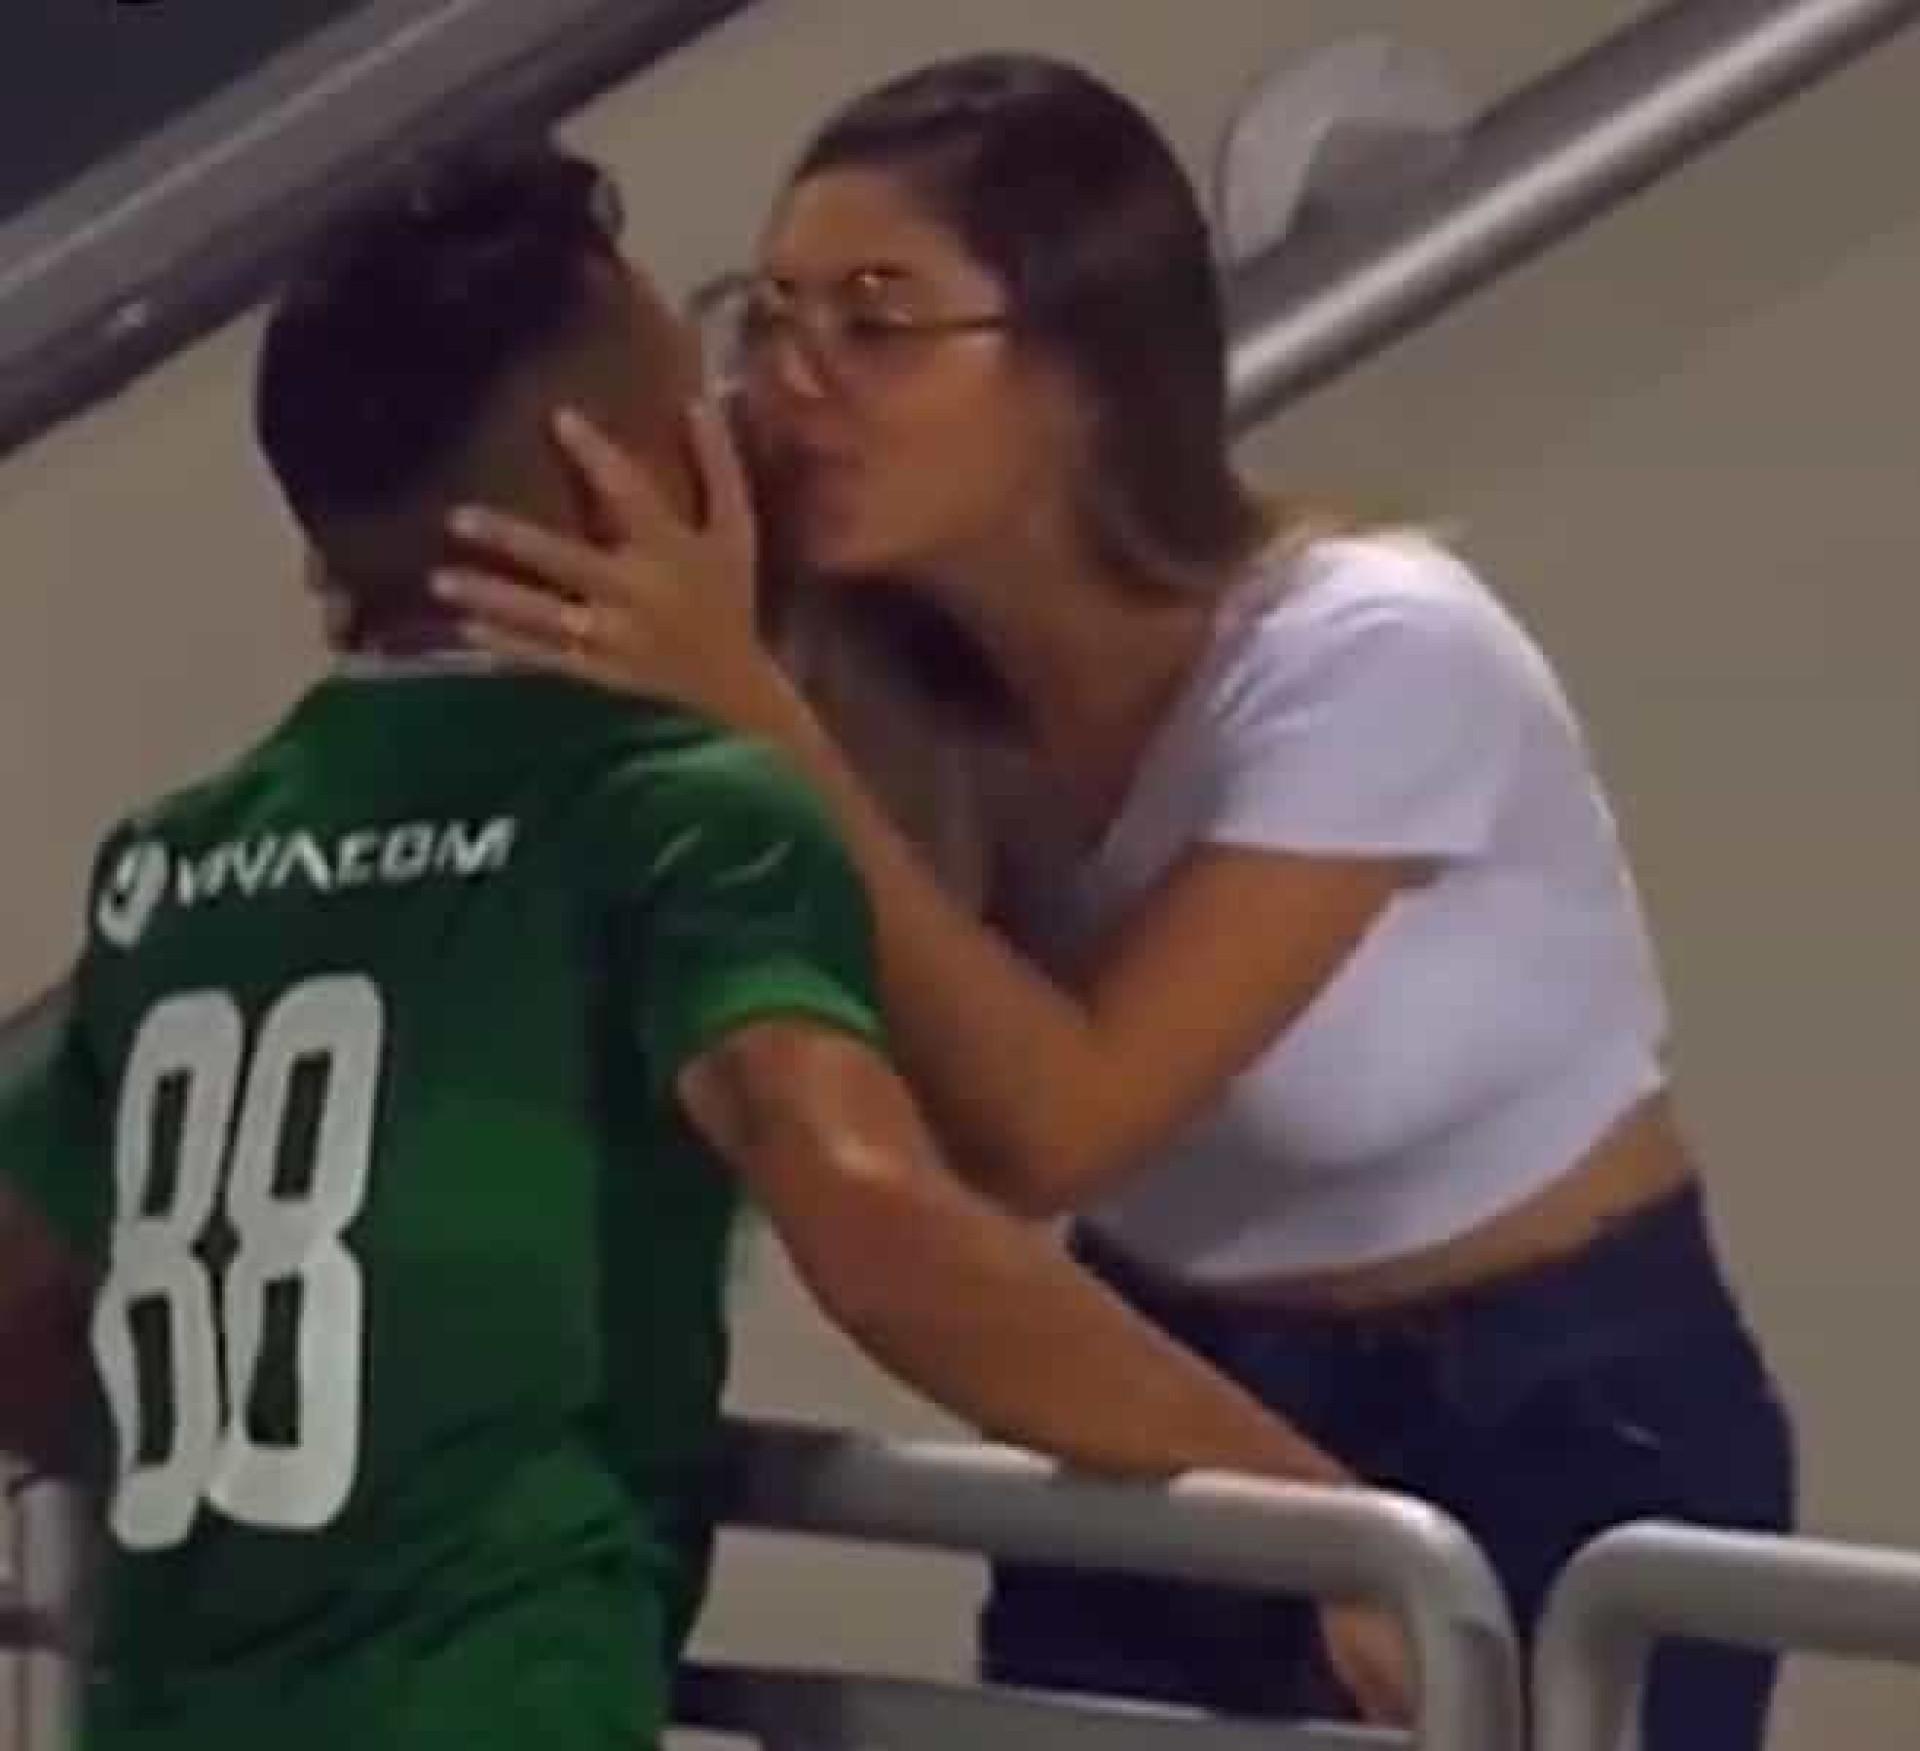 Wanderson marcou, foi beijar a mulher e o momento seguinte foi hilariante